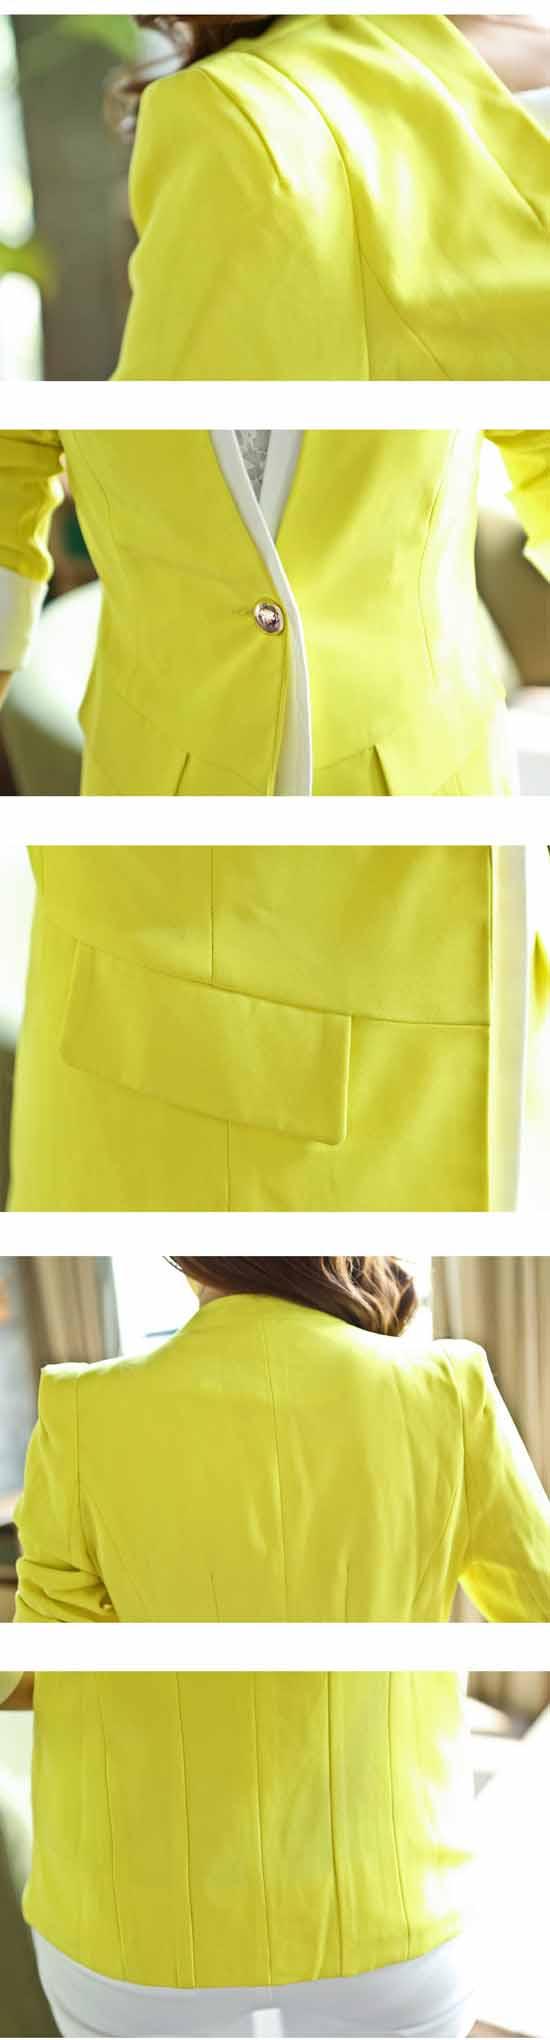 เสื้อสูท แฟชั่นเกาหลี New Women Suit นำเข้า พรีออเดอร์